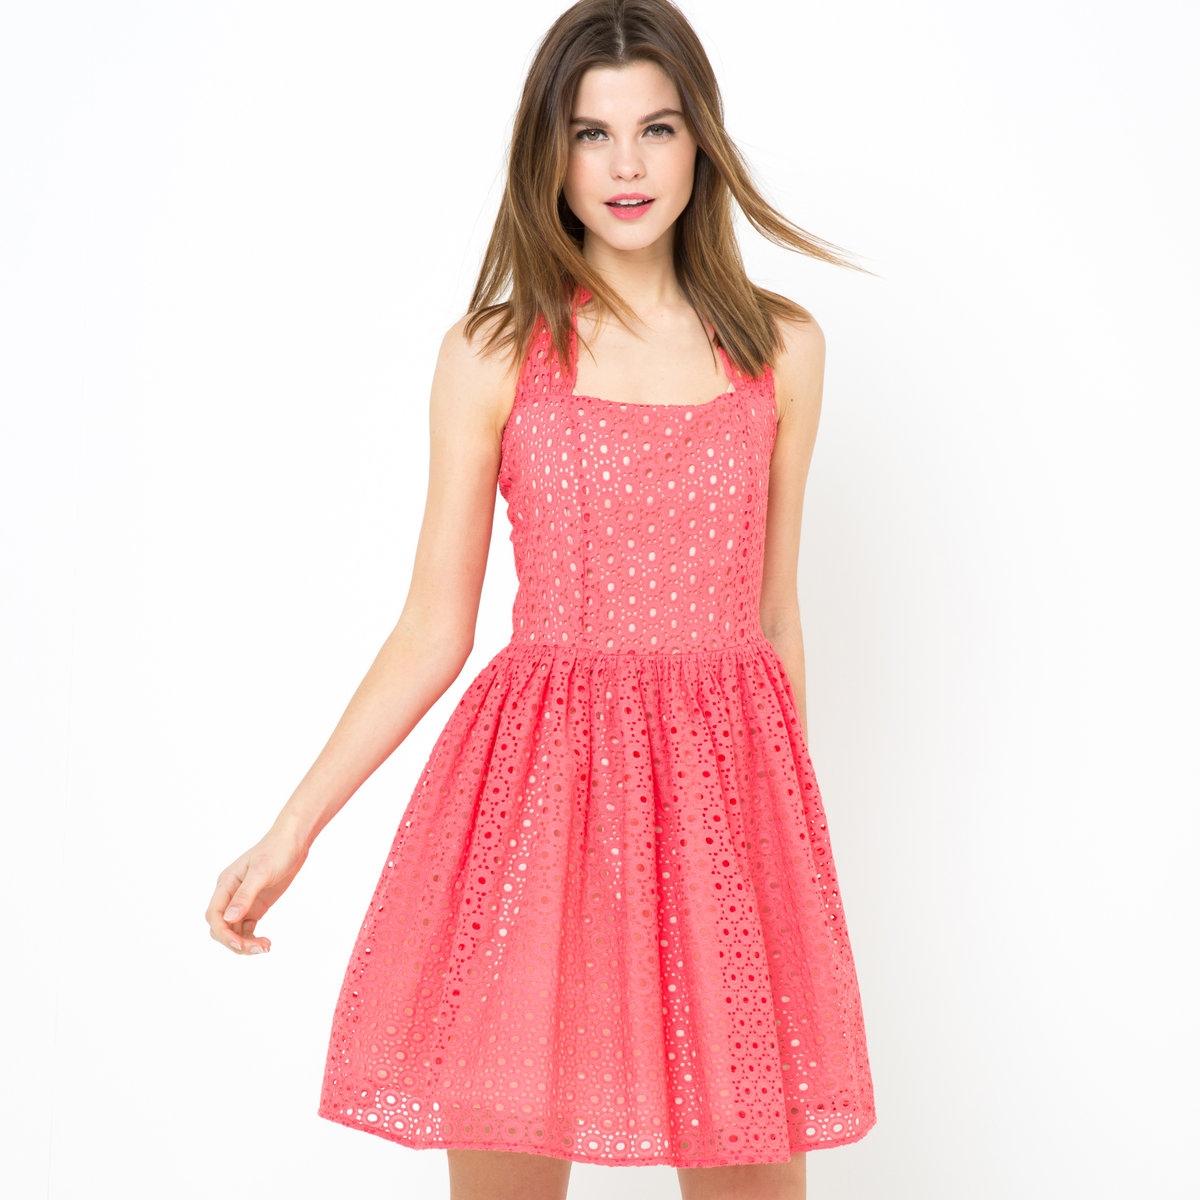 Платье из шитья с открытой спинойОчаровательное платье из шитья, 100% хлопка. Квадратный вырез спереди. Открытая спина. Отрезное по талии. Длина ок.74 см.<br><br>Цвет: розовый<br>Размер: 40 (FR) - 46 (RUS).42 (FR) - 48 (RUS).44 (FR) - 50 (RUS)